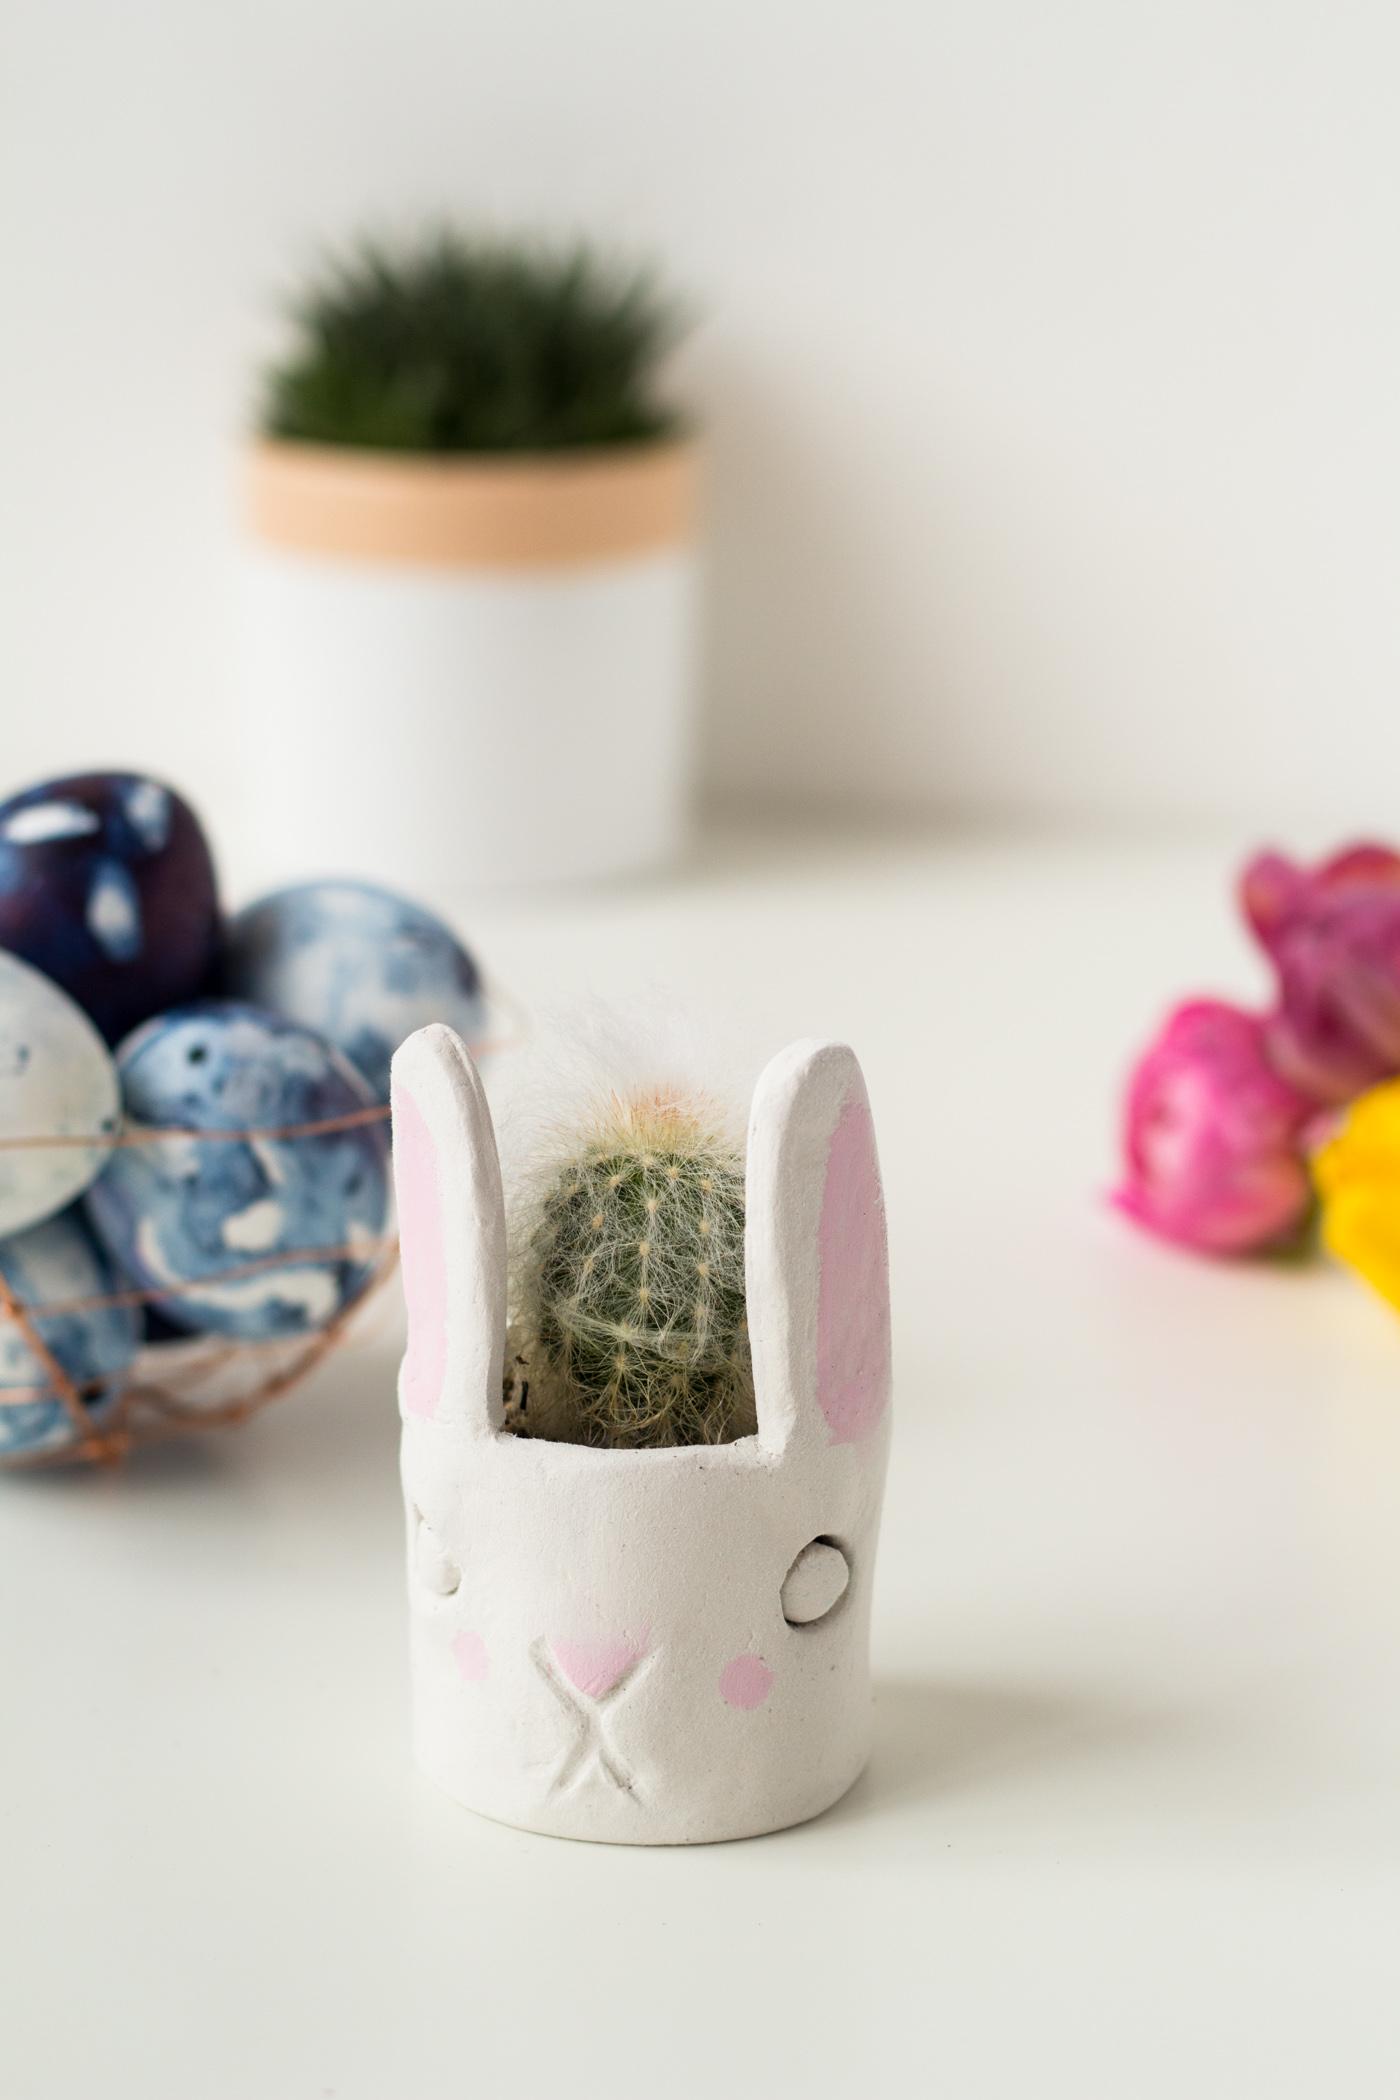 DIY Mini Cacti Bunny Planter | @fallfordiy-23